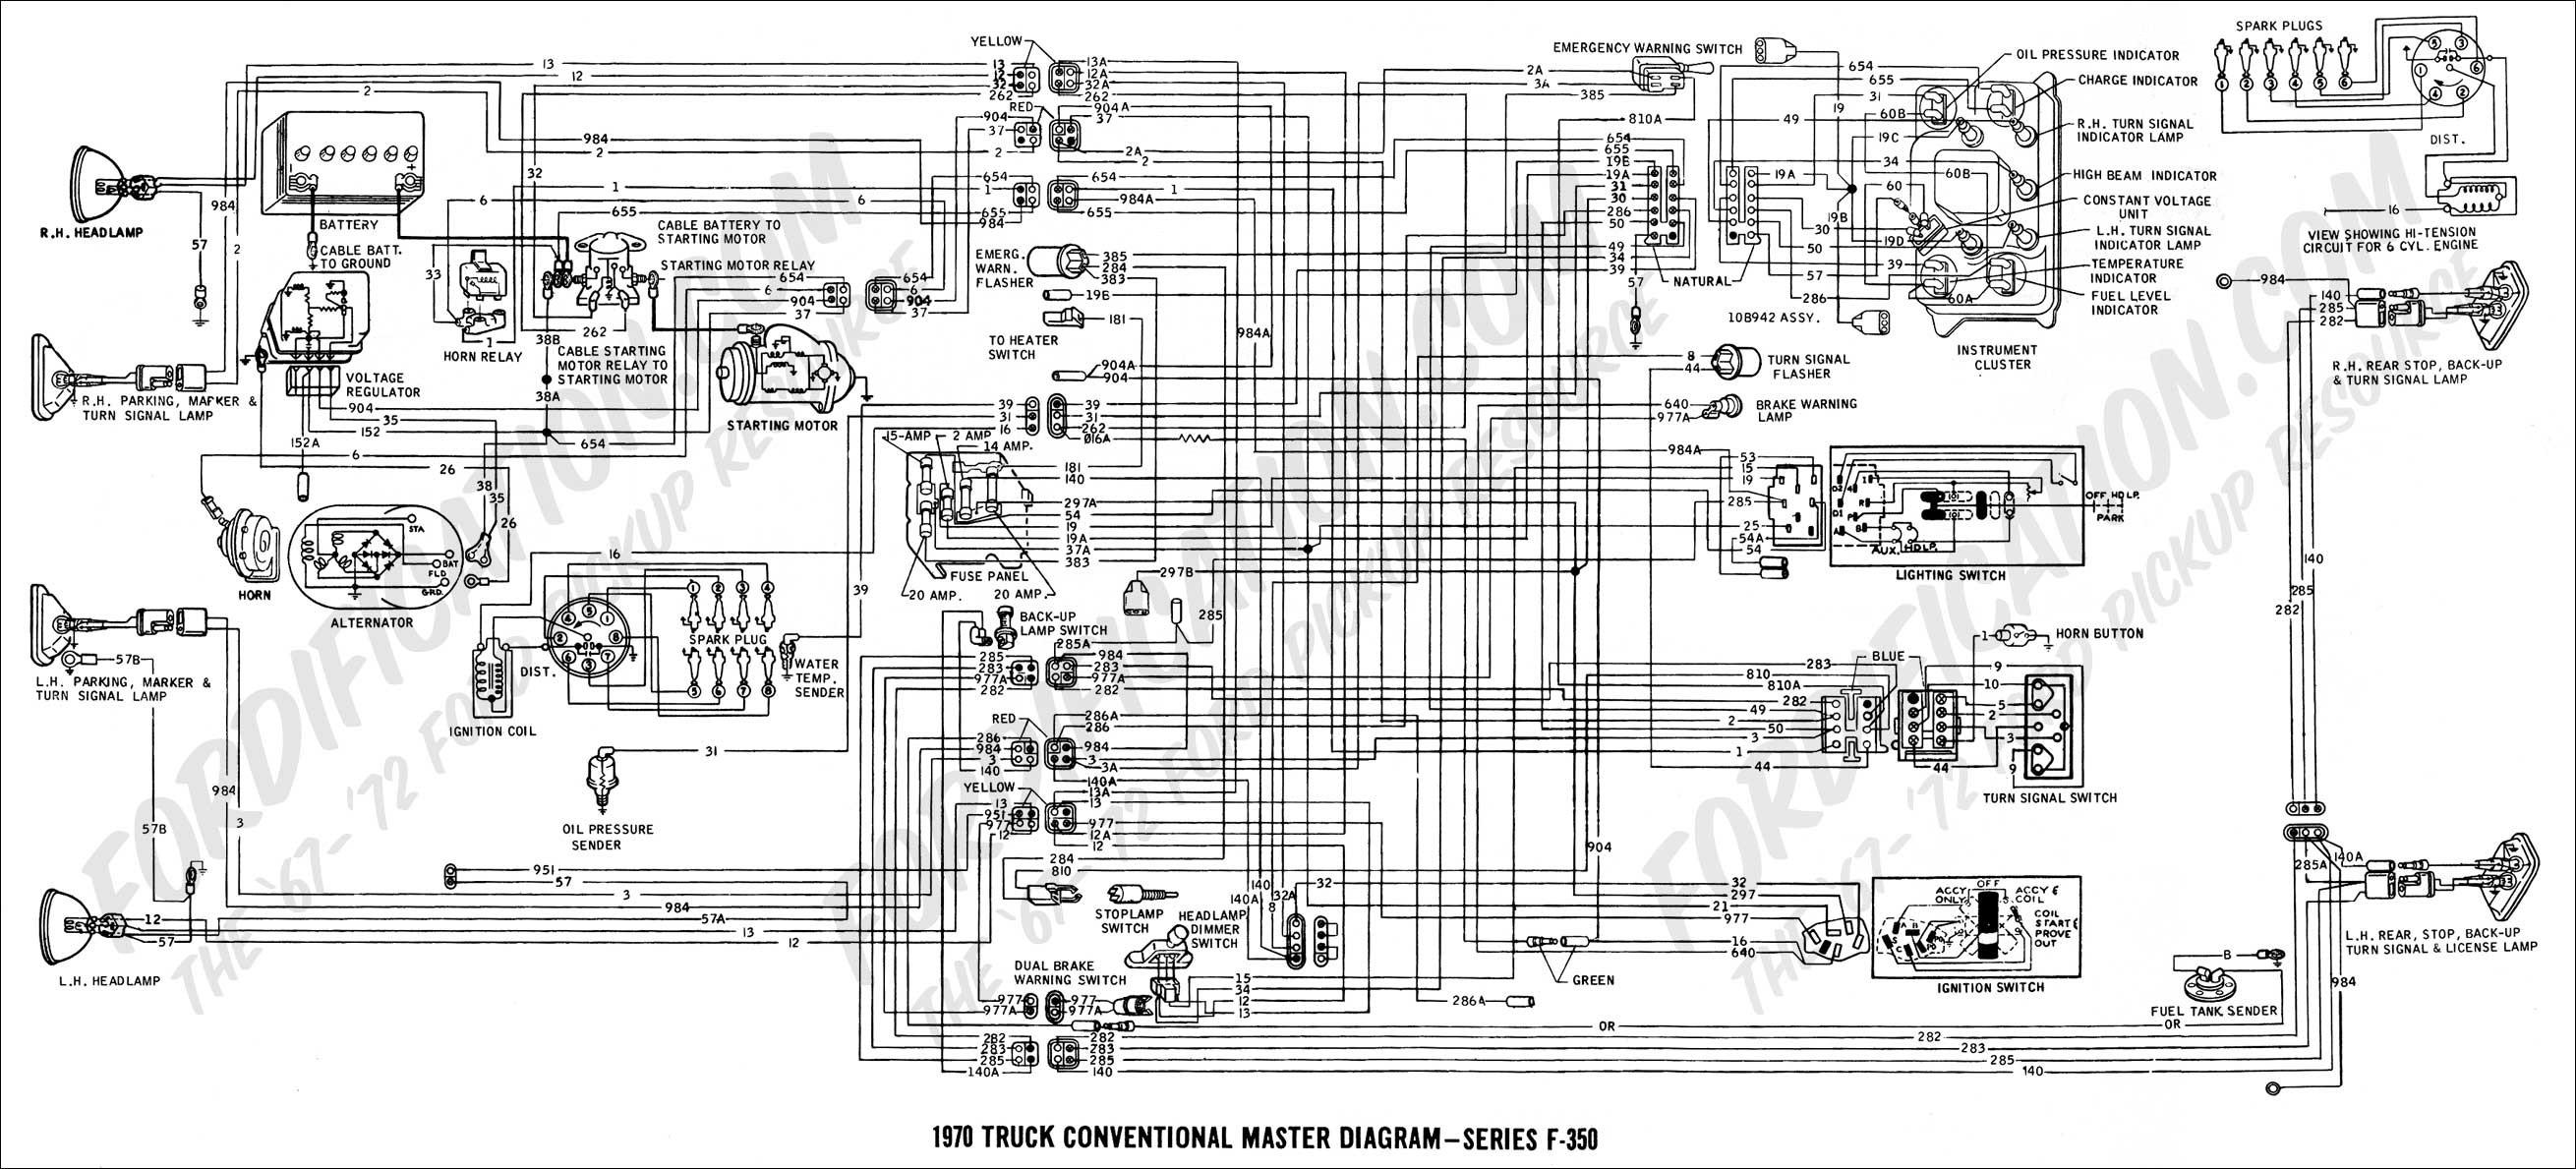 Ford Ranger 4 0 Engine Diagram 2006 ford Ranger Wiring Diagram 3 Wiring Diagram Of Ford Ranger 4 0 Engine Diagram